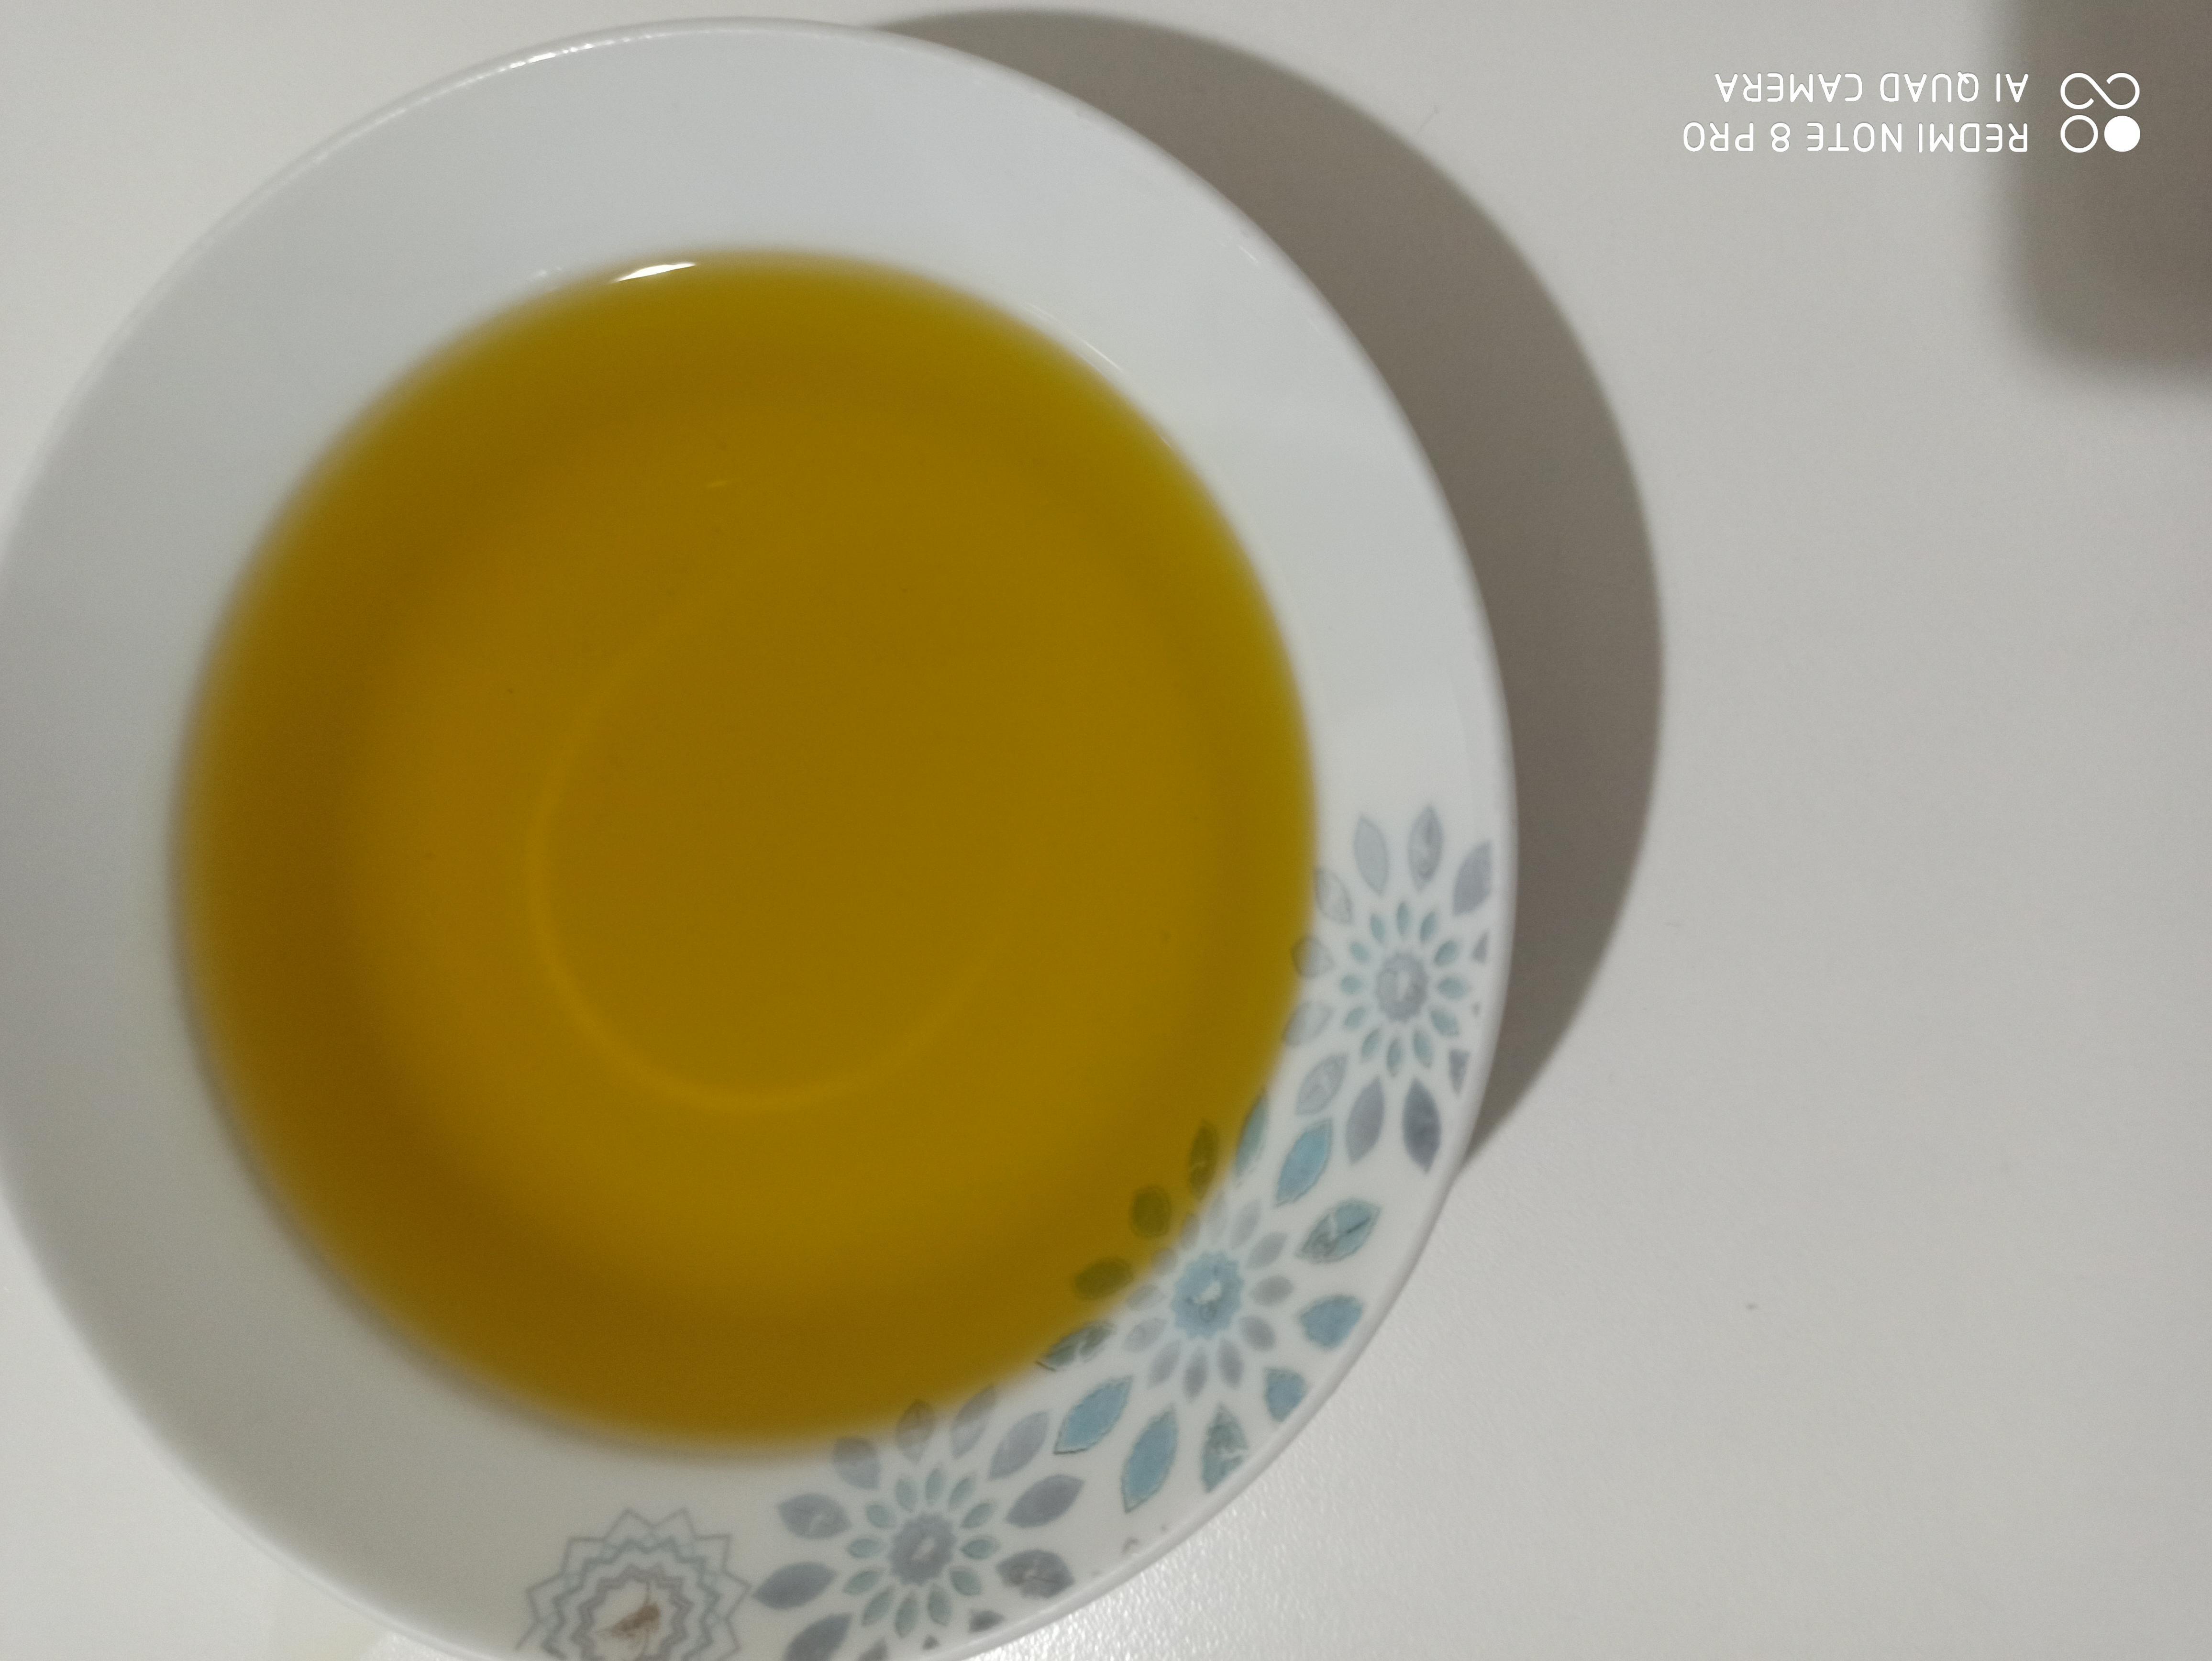 Zeytinyağı - Üretici Hasan Hasan 23 tl fiyat ile 1.400 litre zeytinyağı  satmak istiyor